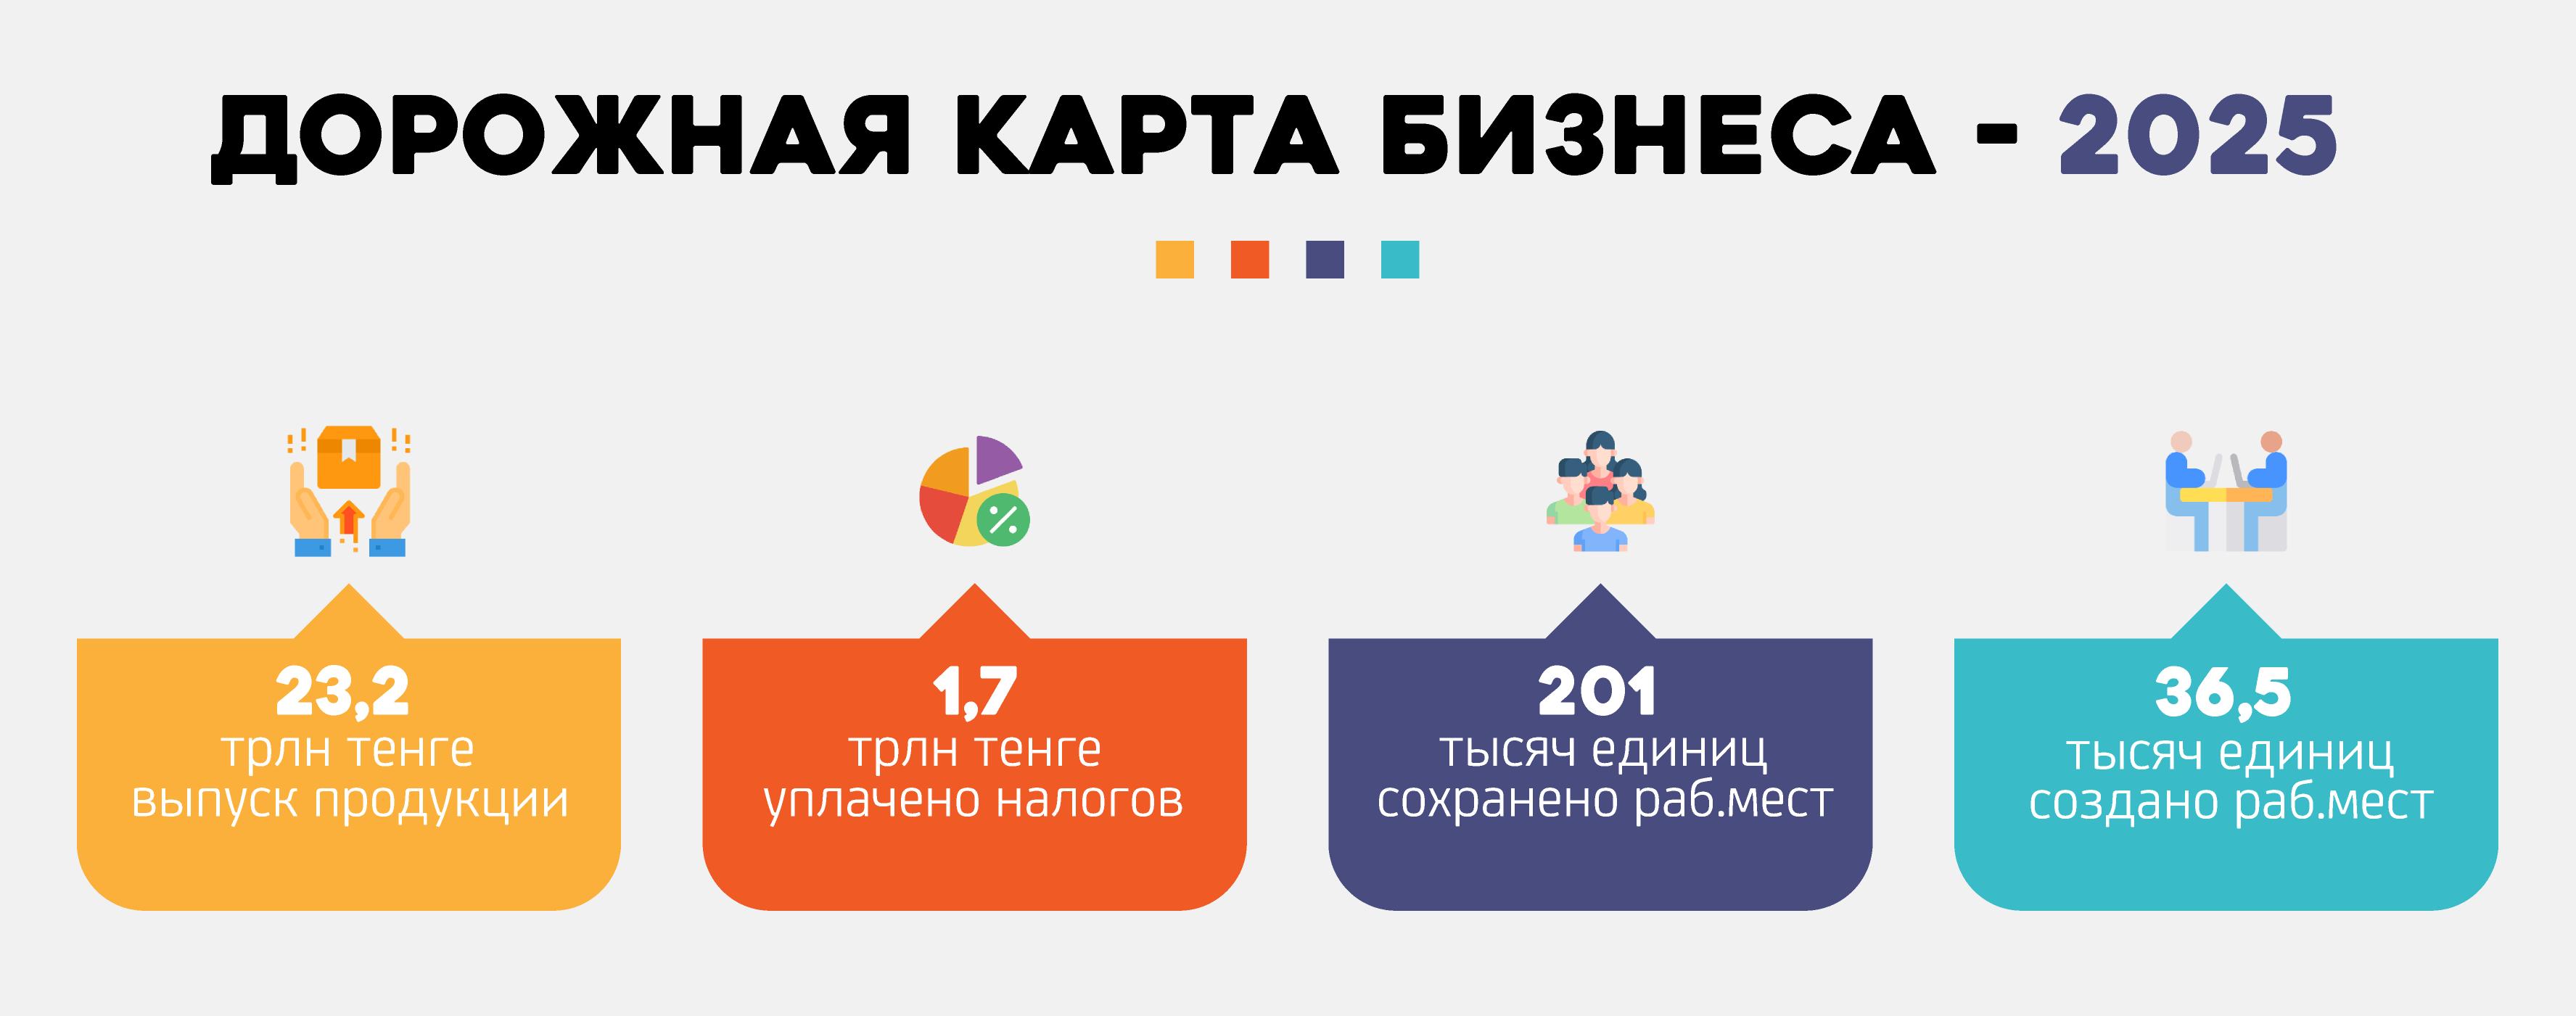 Фонд Даму - вклад МСБ в экономику растет с каждым годом 806252 - Kapital.kz